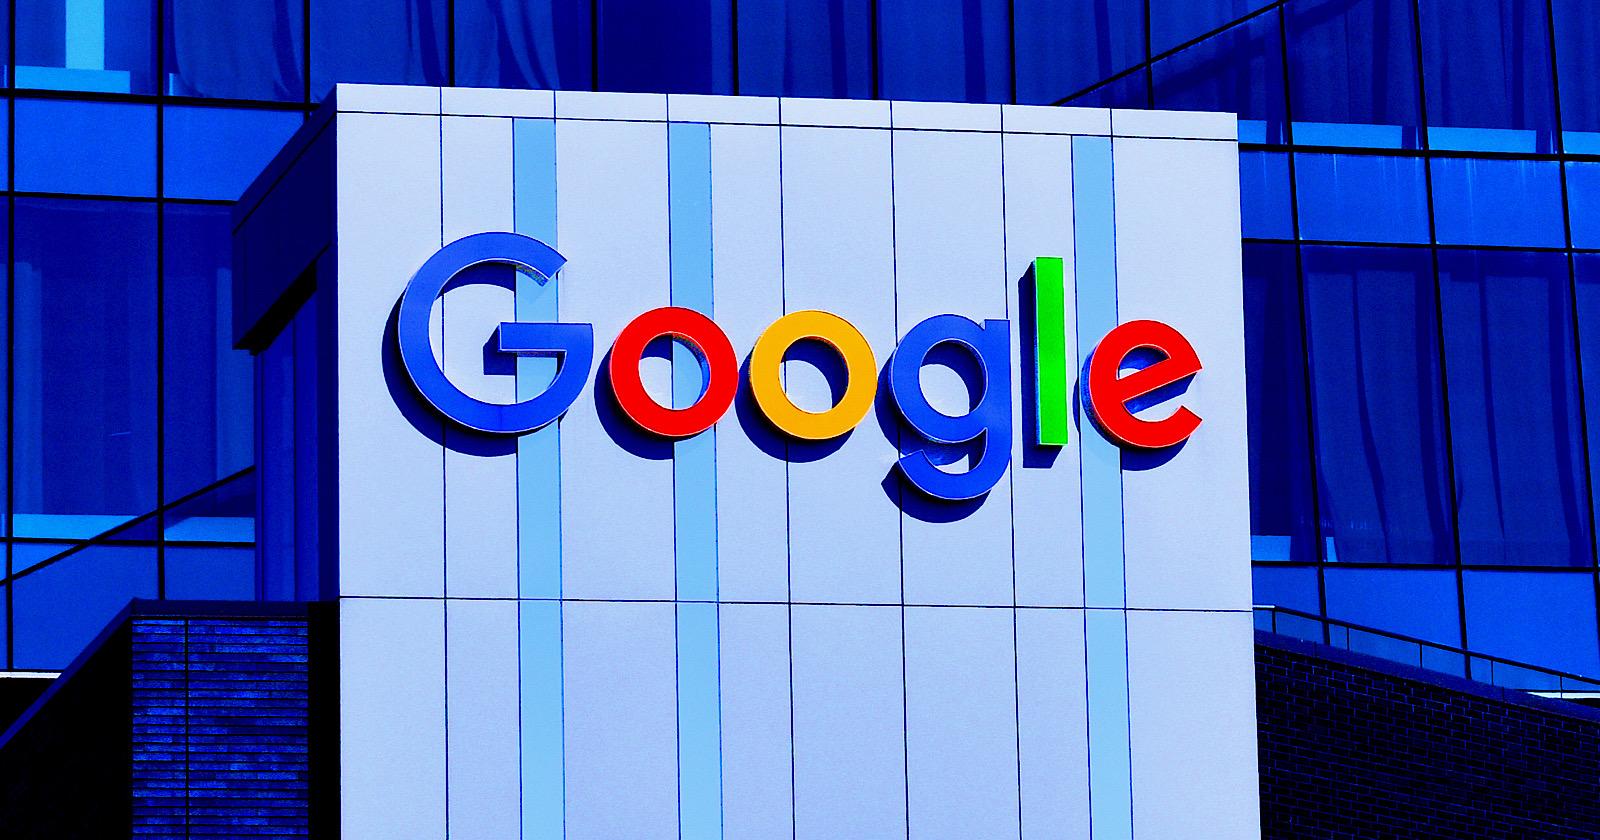 Google xác nhận việc cập nhật thuật toán trung tâm vào tháng 5 năm 2020 sẽ được triển khai ... 2